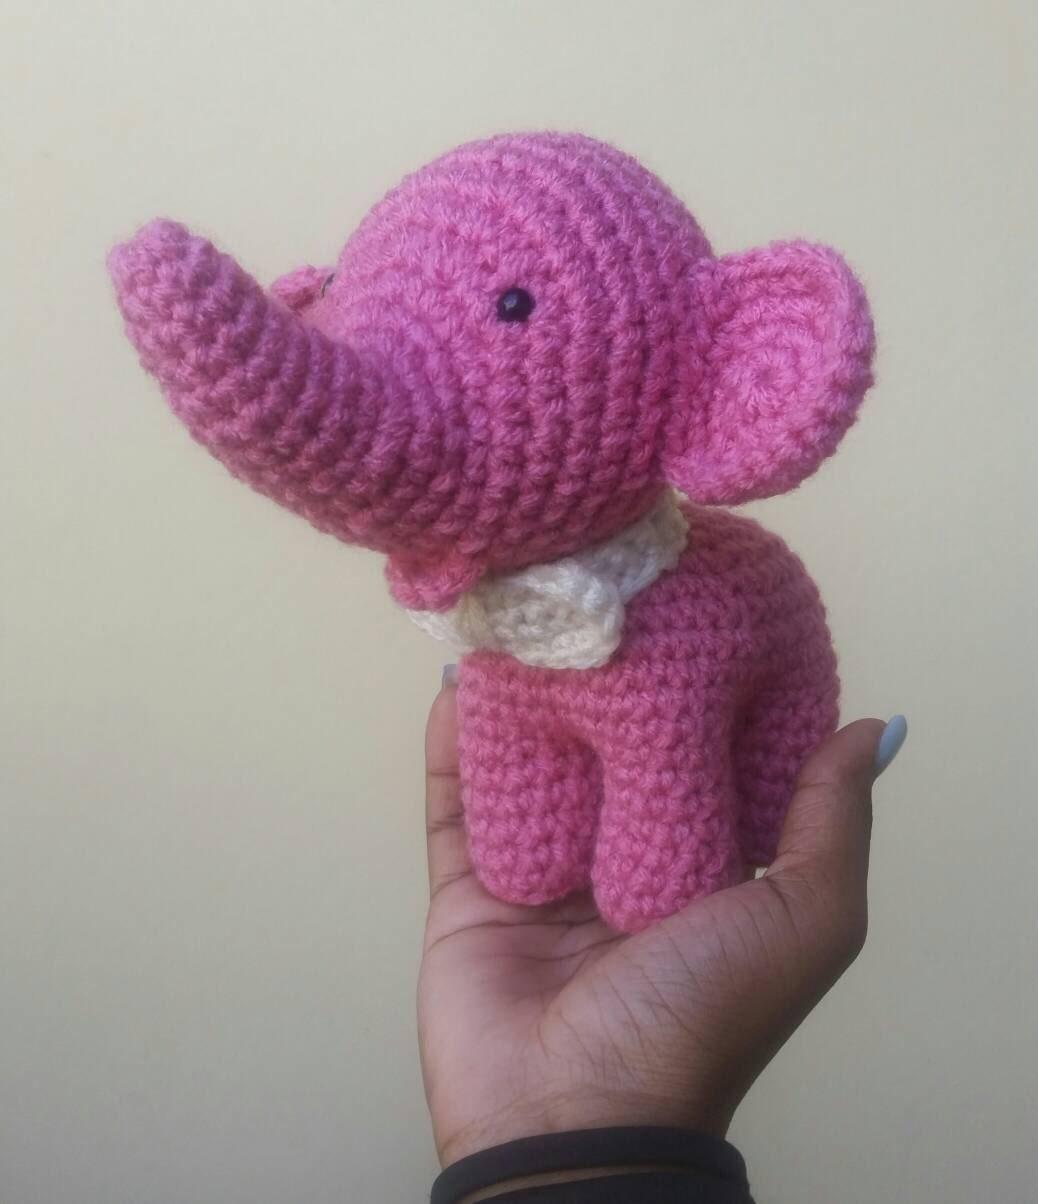 Free Crochet Pattern For Stuffed Elephant : Crochet elephant. Amigurumi elephant. Amigurumi toys stuffed